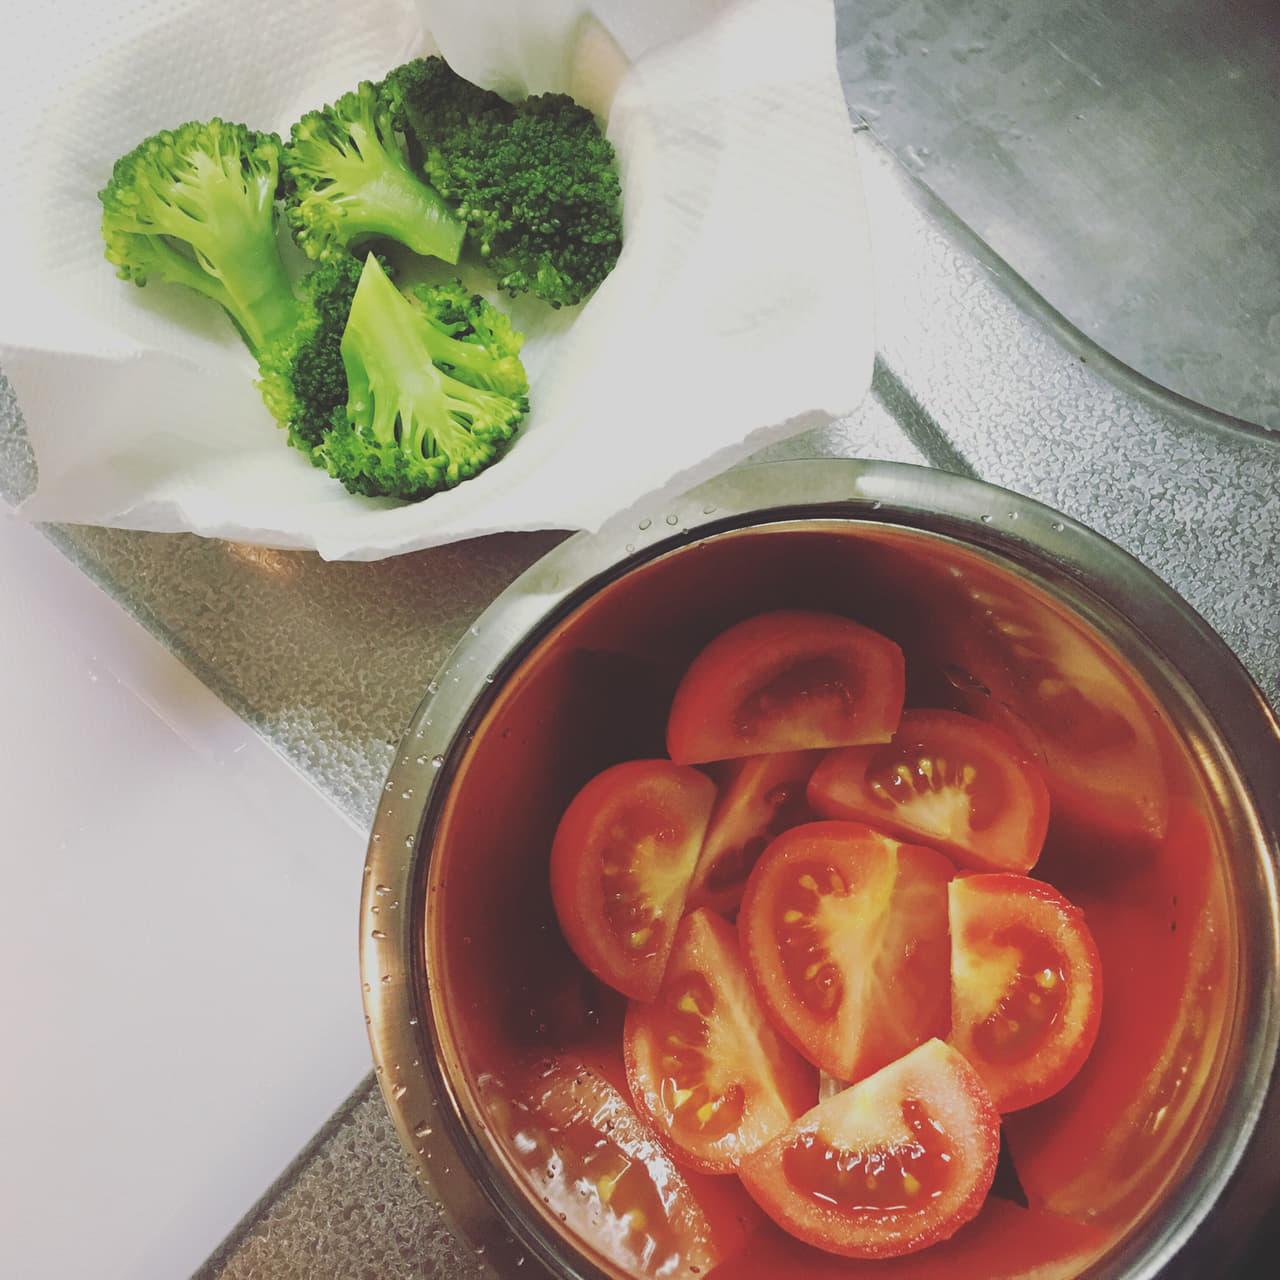 野菜 トマト サラダ キッチンペーパー